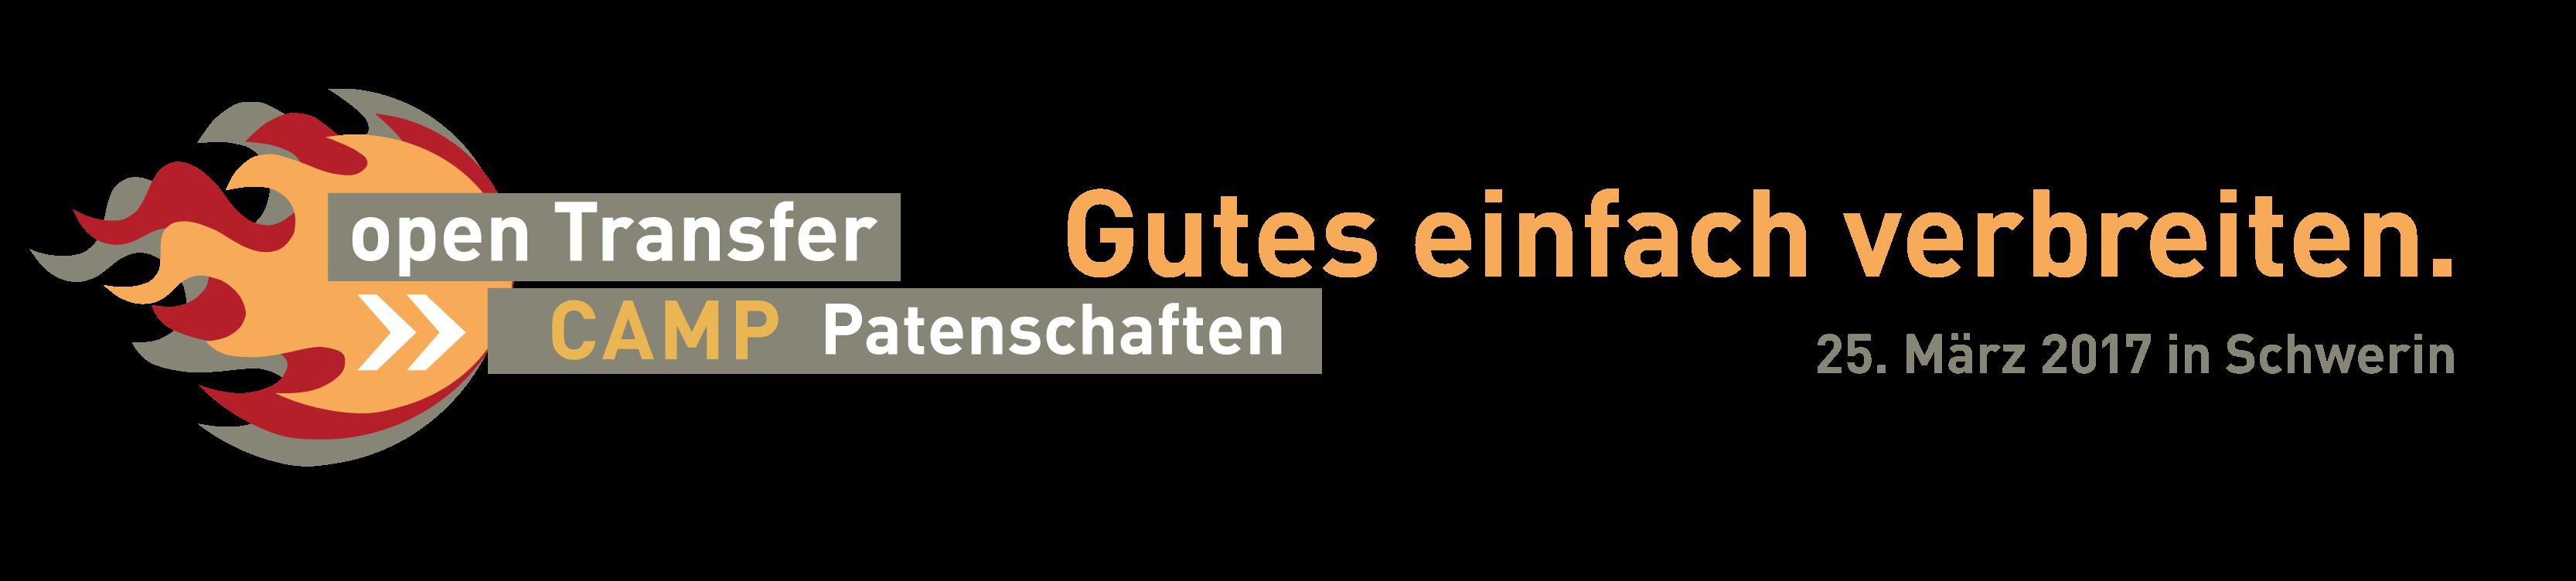 Logo des openTransfer CAMP Patenschaften am 25. März 2017 in Schwerin